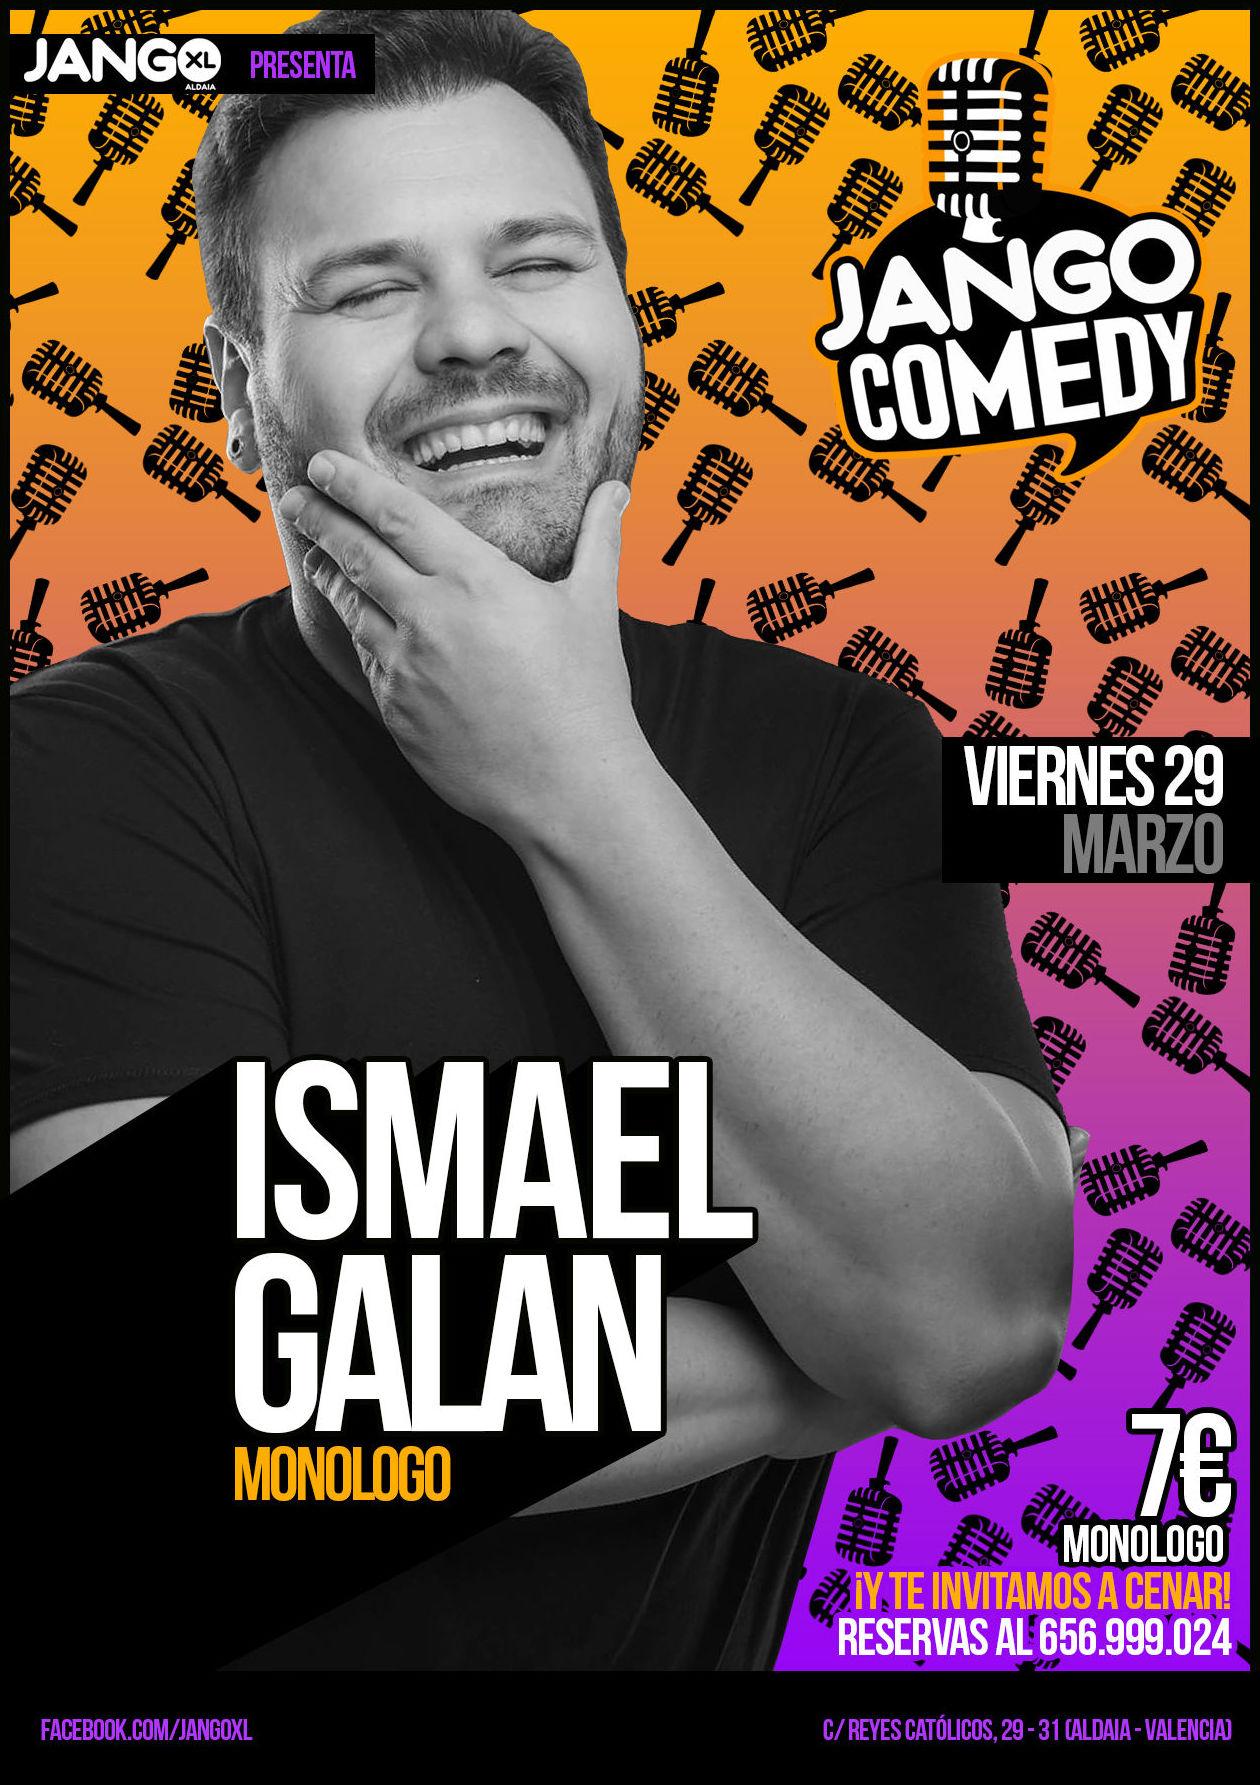 JANGO COMEDY presenta el monologo de Ismael Galán.